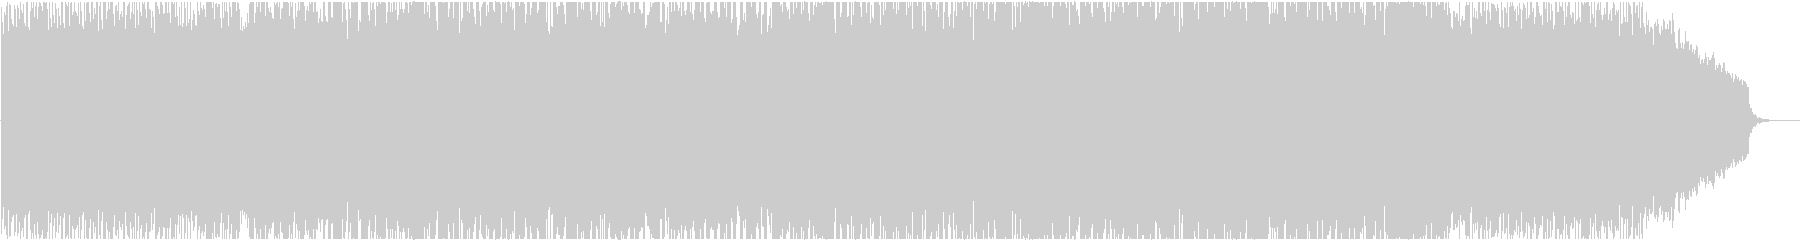 企業VP14 24bit44kHzVerの未再生の波形